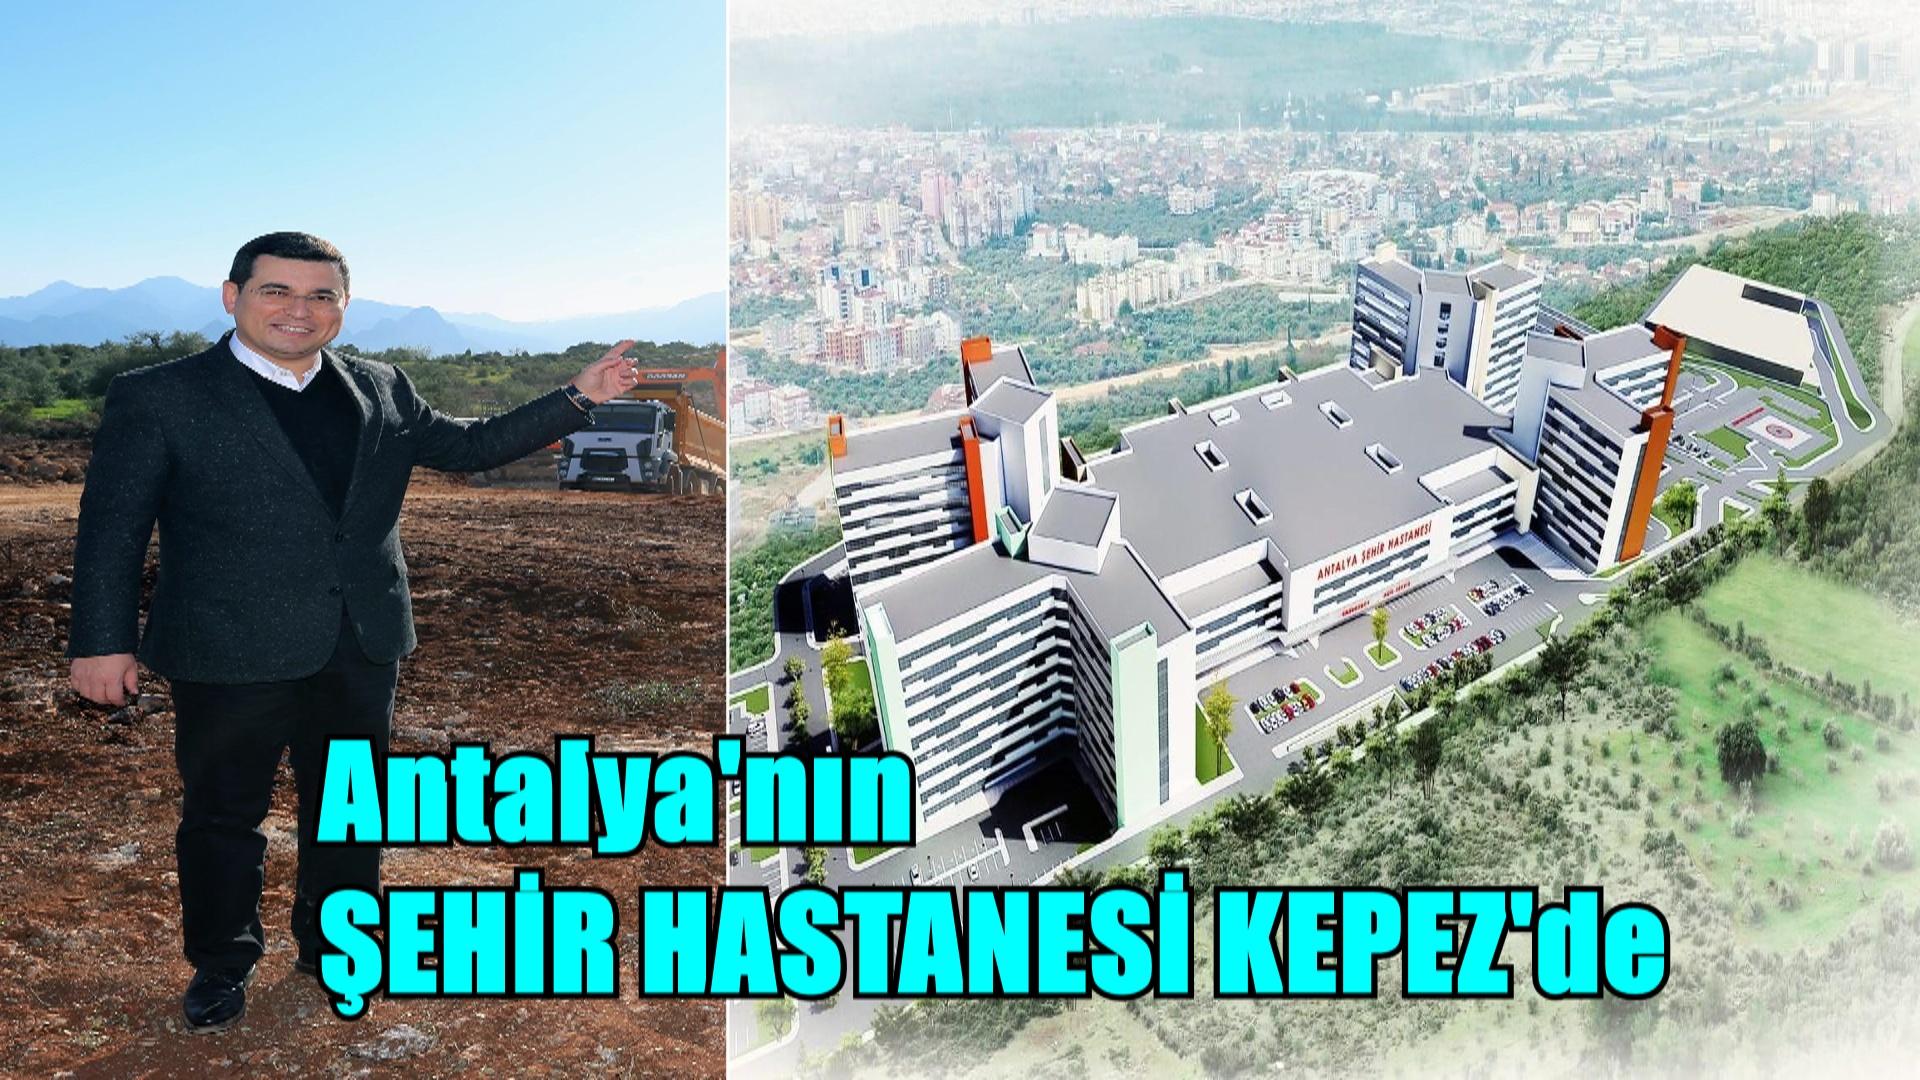 Antalya'nın şehir hastanesi Kepez'de